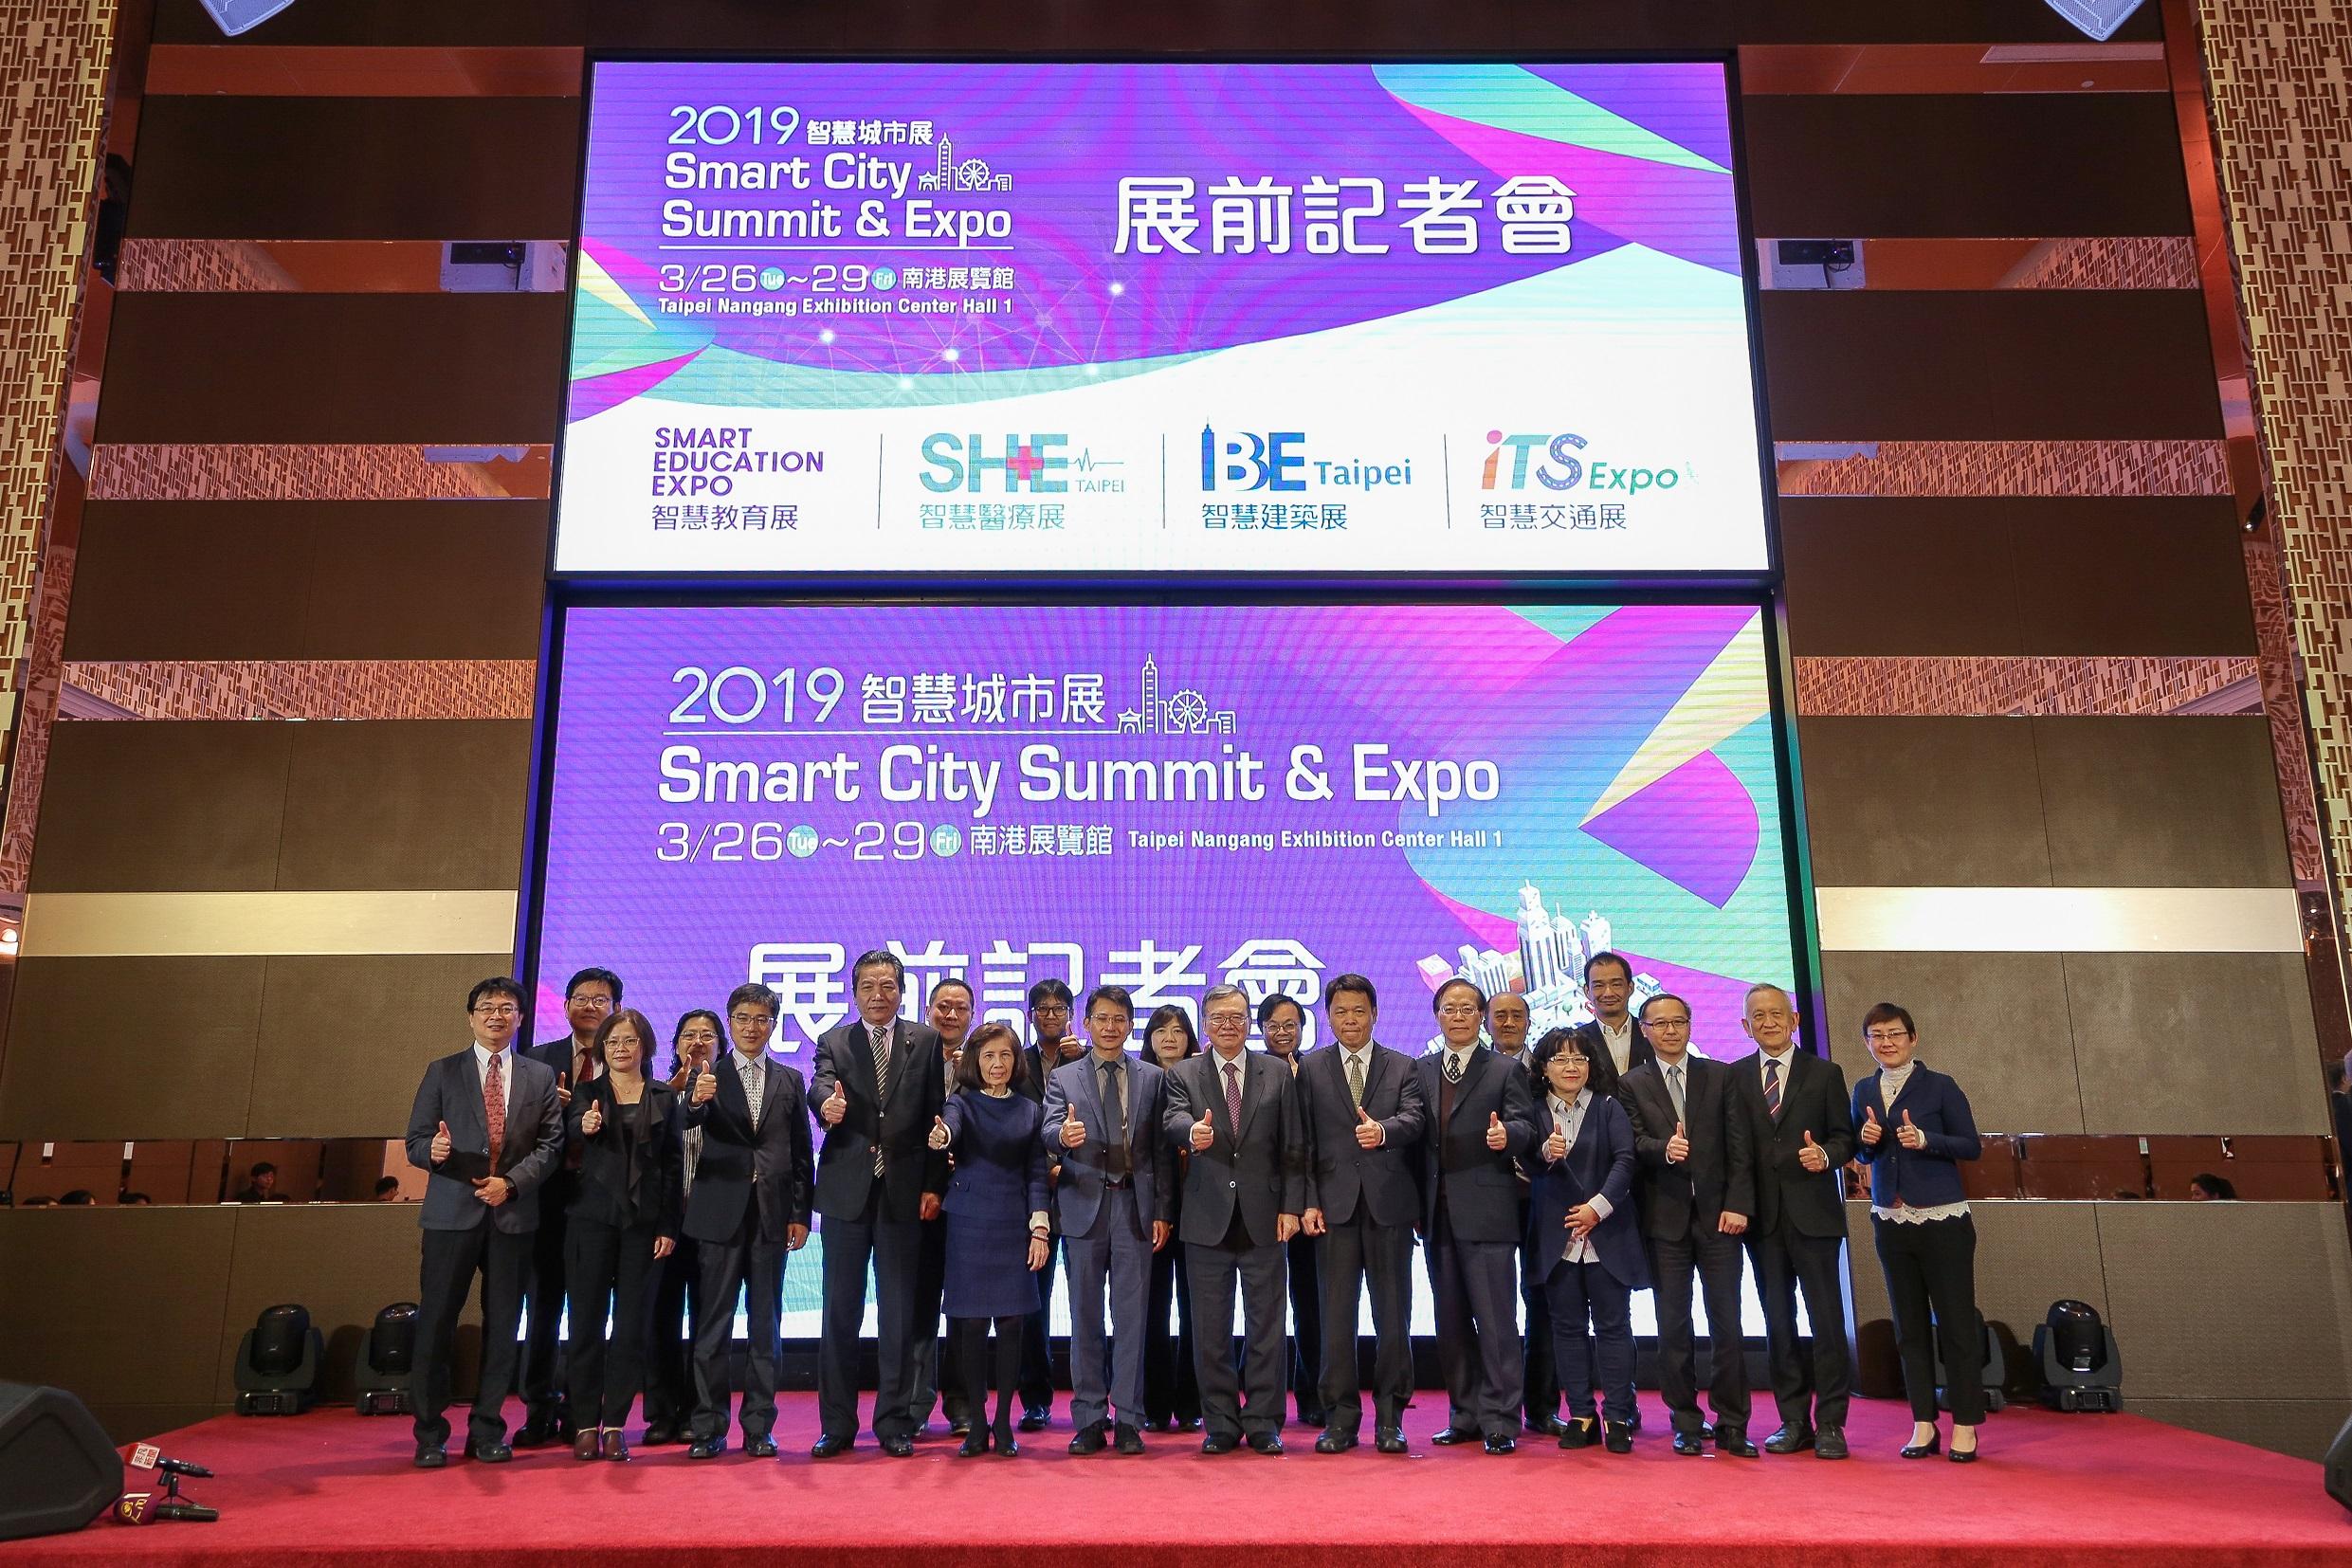 ผู้นำด้านการศึกษาทั่วโลกร่วมมือกันในงาน Smart Education Expo, 2019 วันที่ 26 - 29 มีนาคม เพื่อมุ่งเน้นการพัฒนาการศึกษาในอนาคต